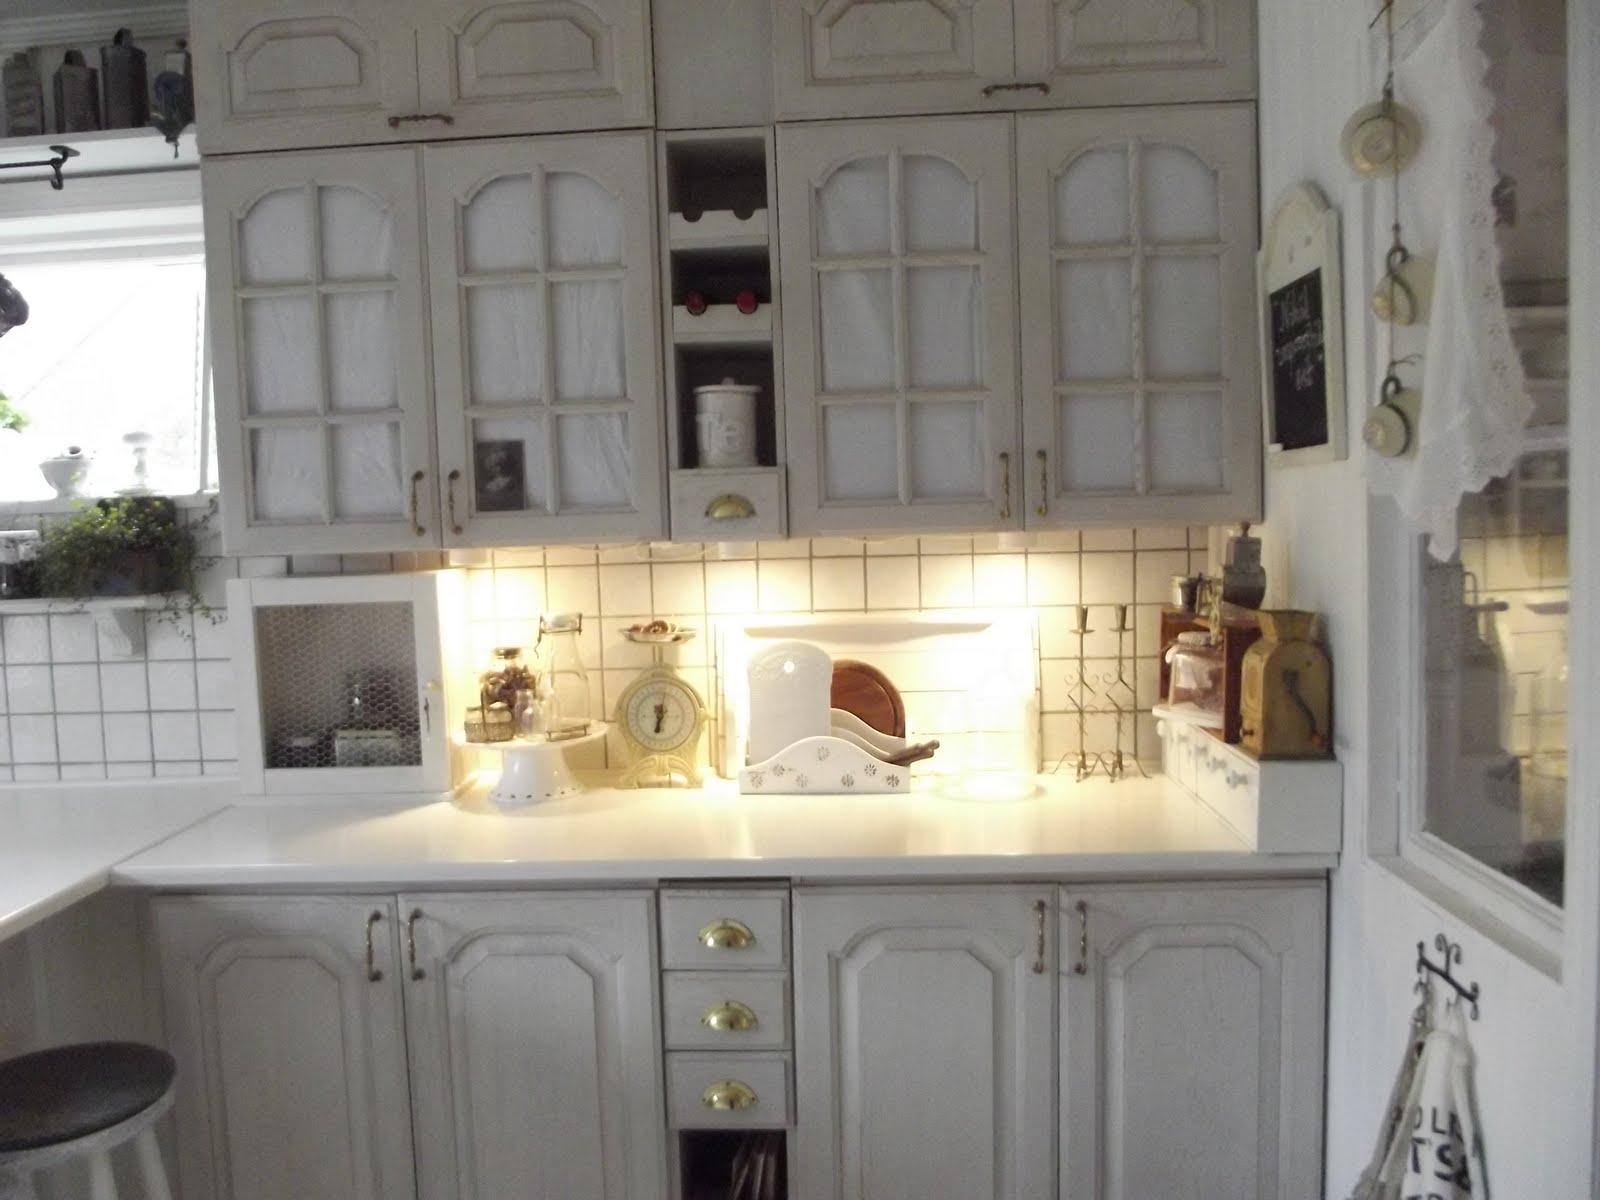 Boiserie c programmi per oggi riverniciare la cucina - Riverniciare ante cucina ...